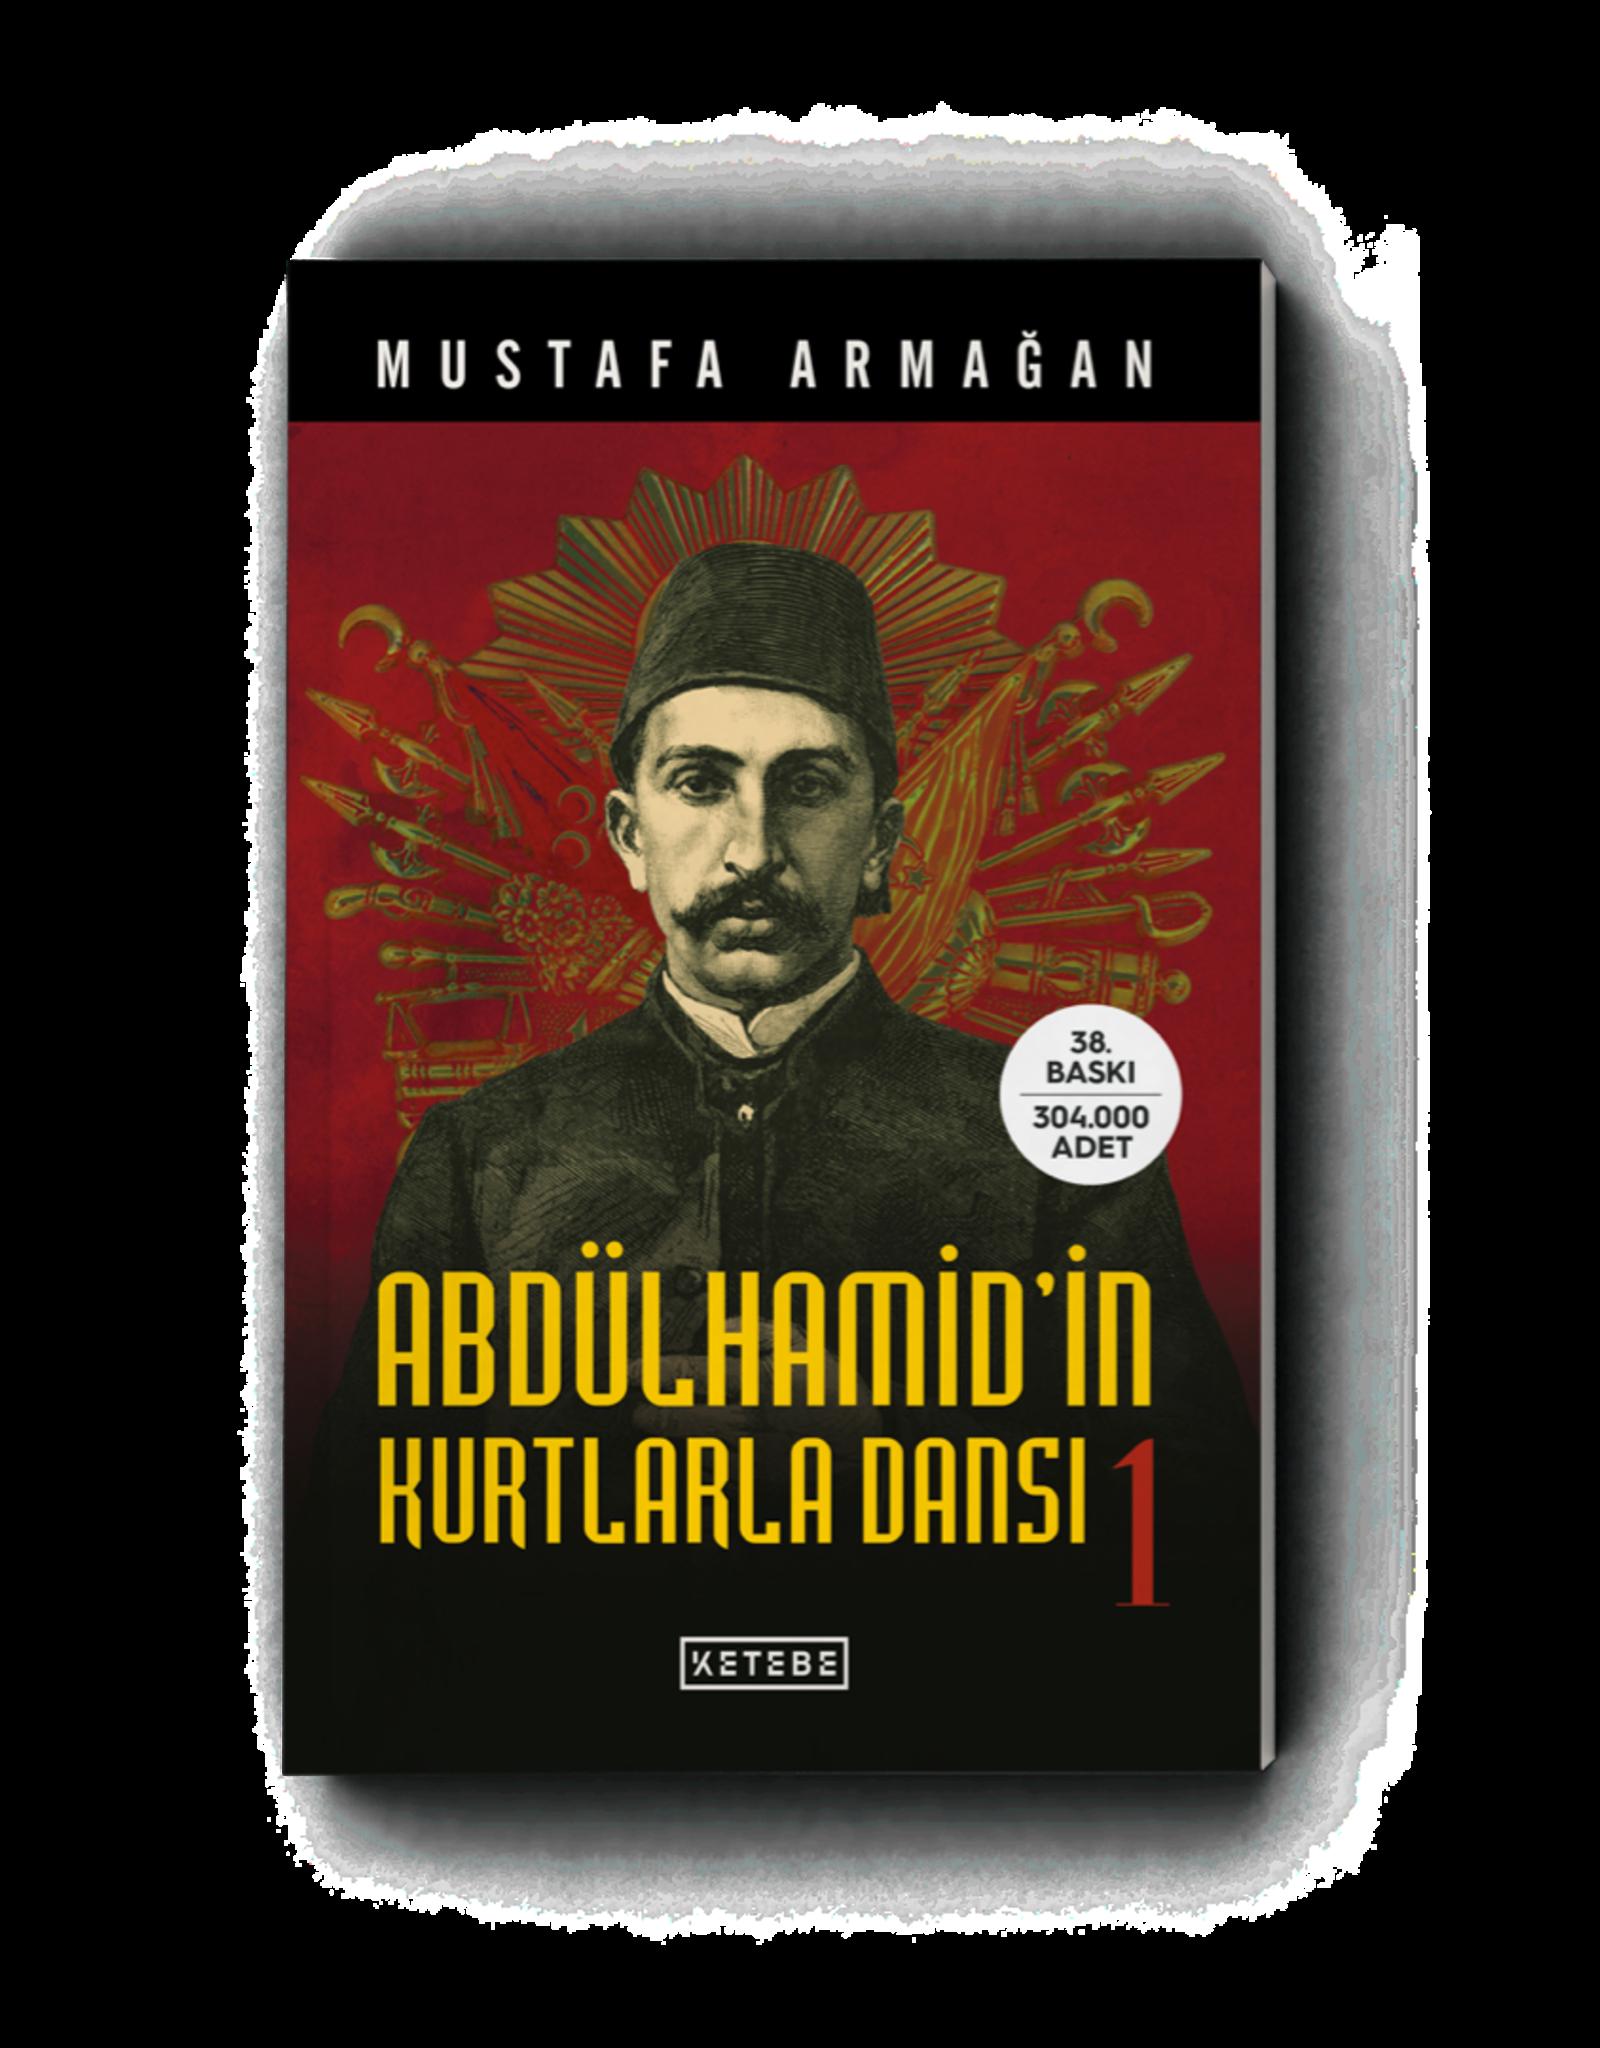 Mustafa Armağan Abdülhamid'in Kurtlarla Dansı